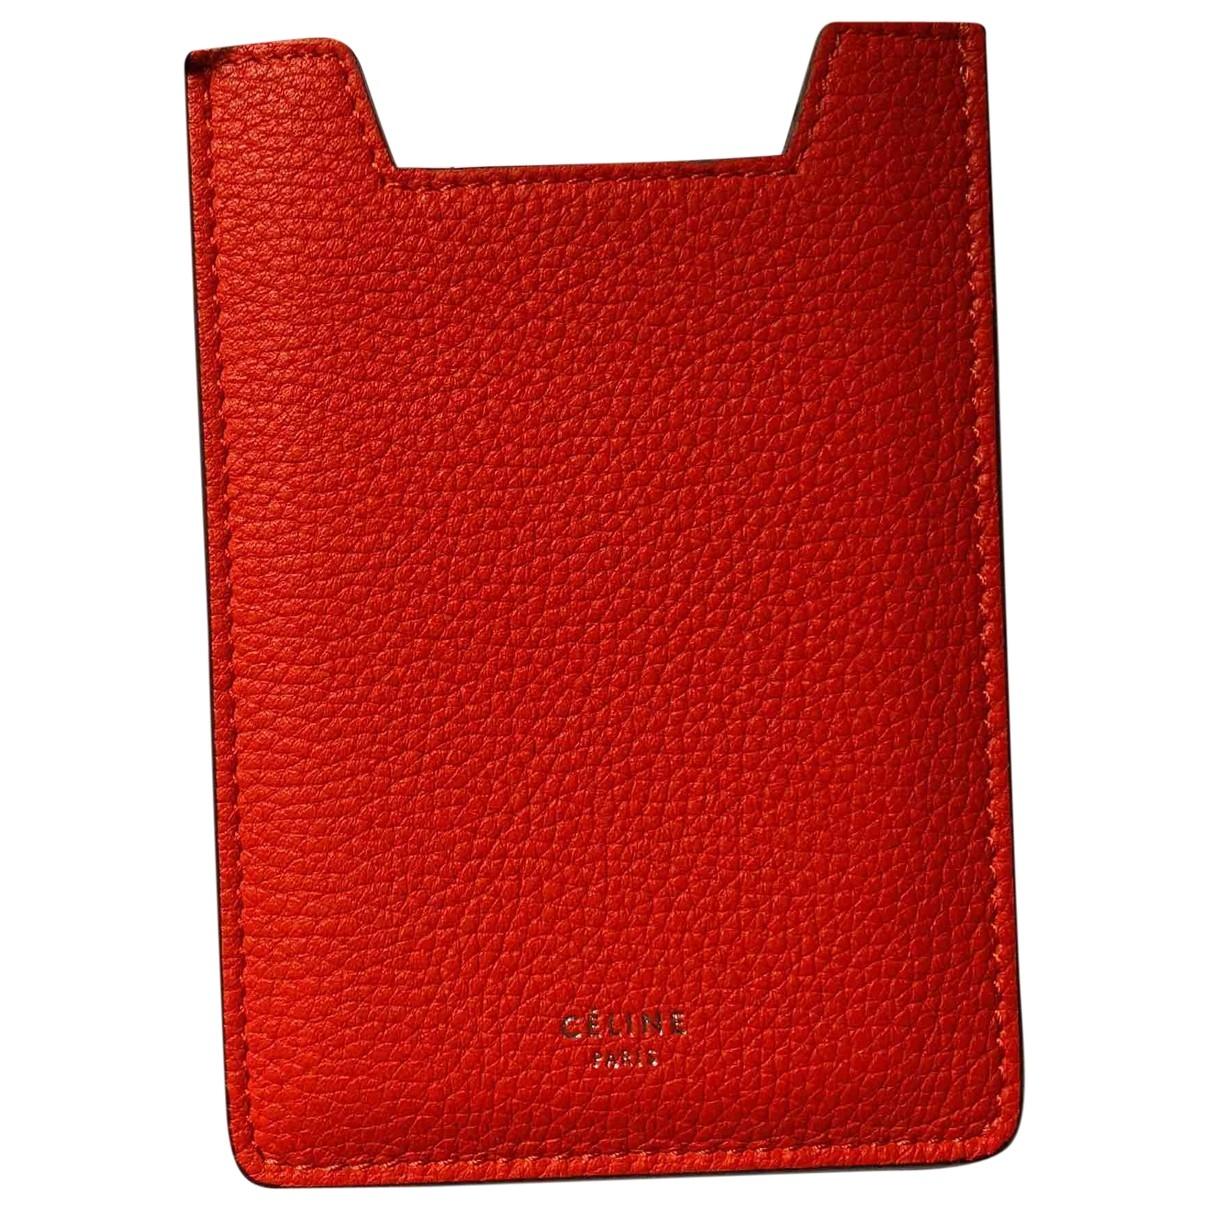 Celine - Accessoires   pour lifestyle en cuir - rouge